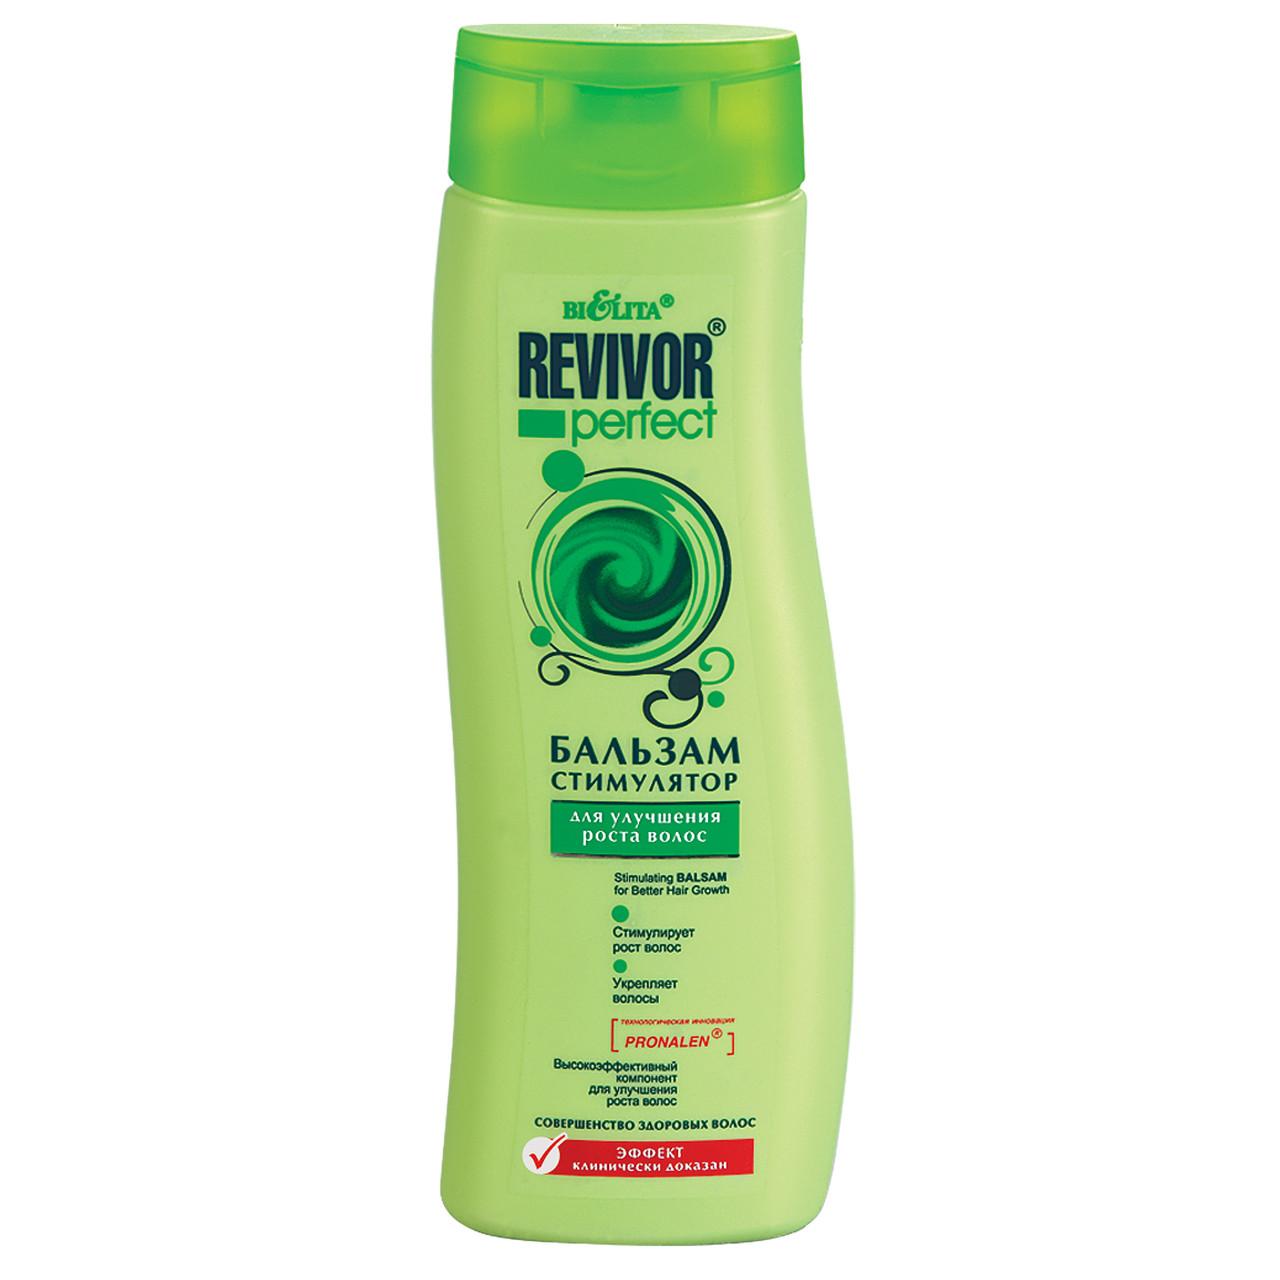 Бальзам – стимулятор для улучшения роста волос Revivor Perfect Bielita 400 мл